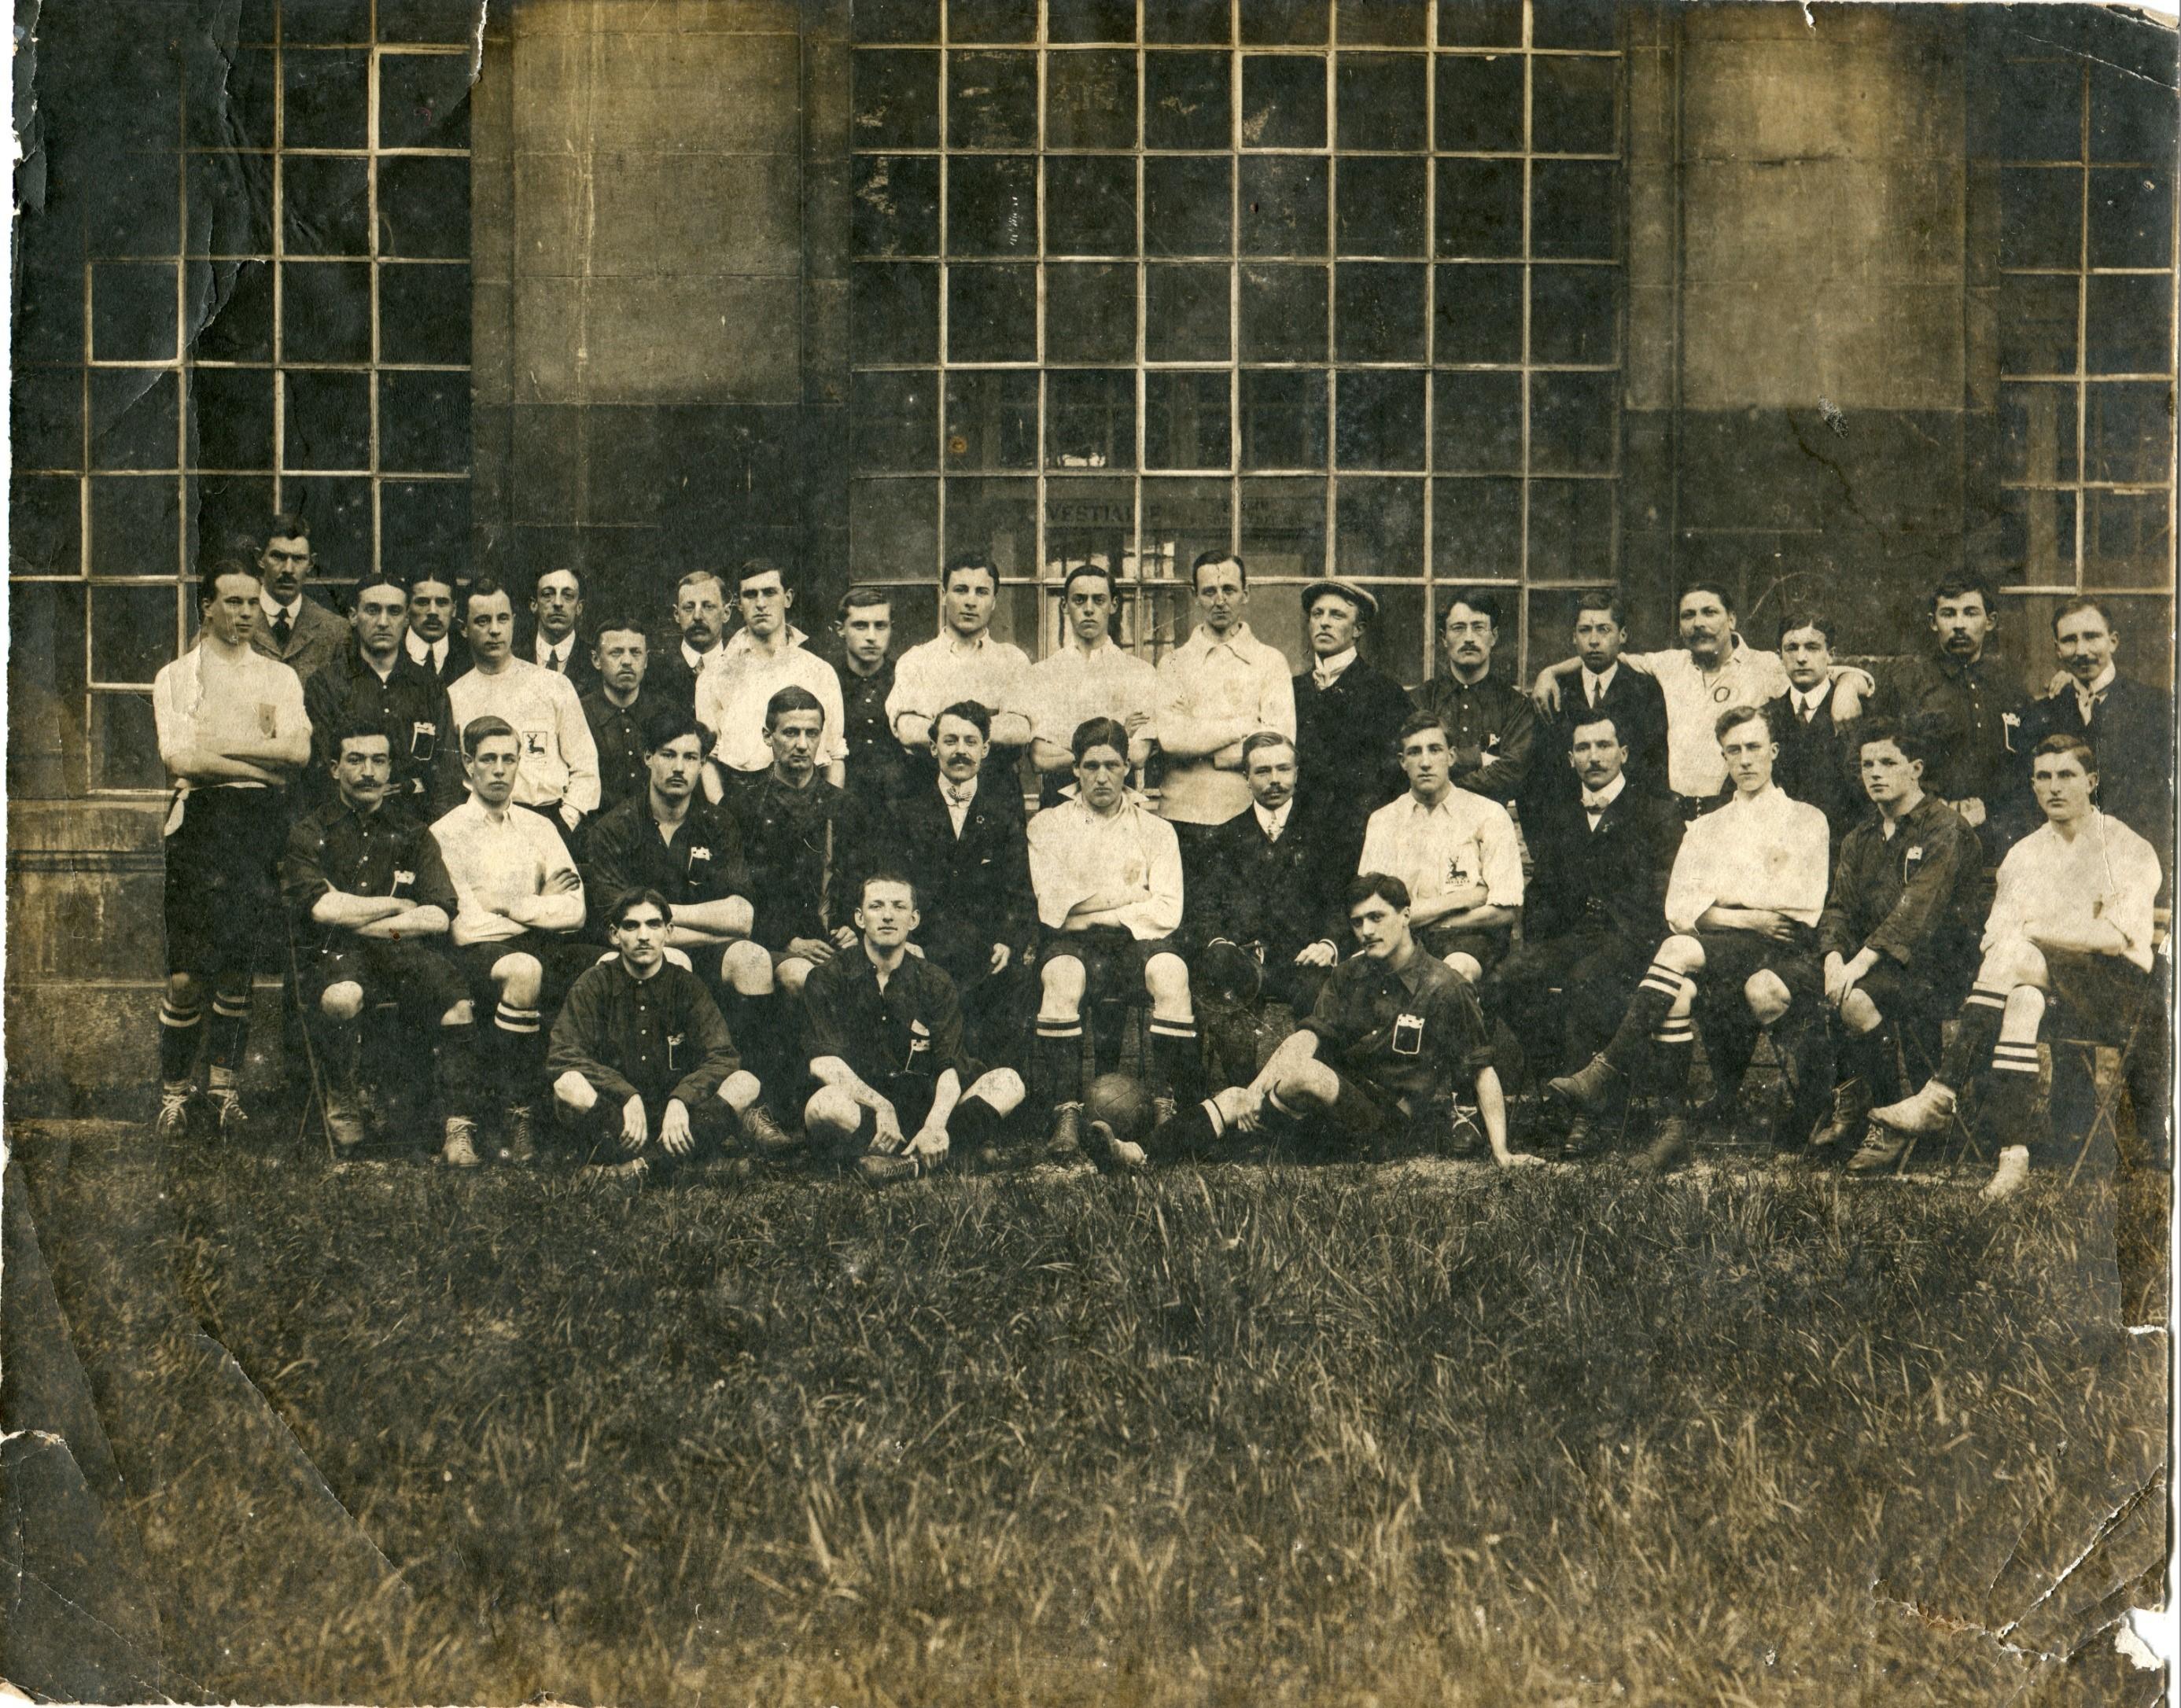 Les Anglais sont en maillots blancs (on peut reconnaître, floqués sur certaines poitrines, le cerf des armoiries du comté du Hertfordshire), tandis que les Caennais arborent une jolie chemise rouge aux armoiries de la Normandie. Curiosité : un membre de l'encadrement (4e en haut en partant de la droite) porte le maillot de l'équipe de France reconnaissable aux  deux anneaux rouge et bleu entrelacés de l'USFSA. Assis, encadrant les deux joueurs anglais du centre, le président du comité USFSA de Basse-Normandie, Albert Berger, le secrétaire Fernand Toullier et le vice-président Henri Françoise. Les onze joueurs caennais : En haut, De g. à d. : Vassel, Bourgeois, Délivré, Cossevin, Heuzé. Au milieu : Picard, Parat, A. Lesomptier. En bas : Vromet, E. Lesomptier, Jardin.